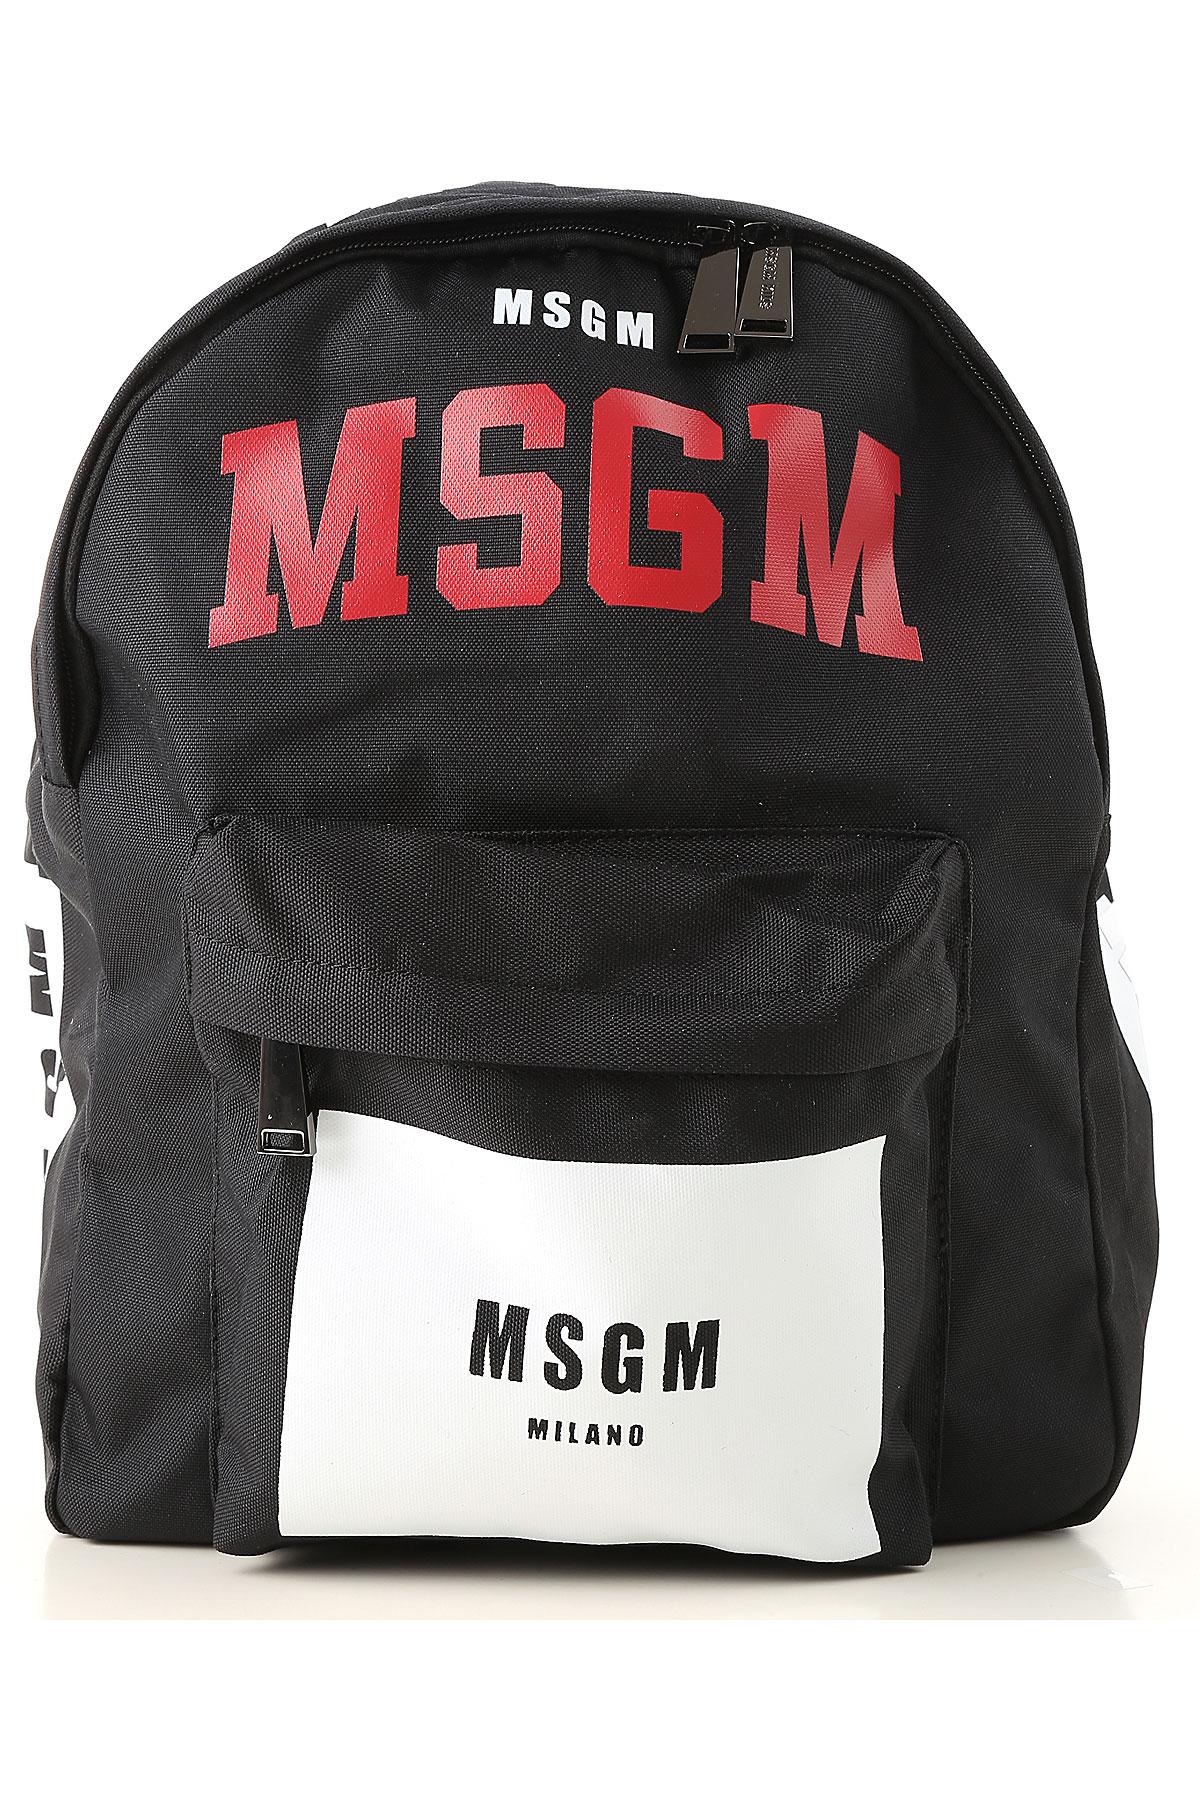 Image of MSGM Handbags, Black, Nylon, 2017